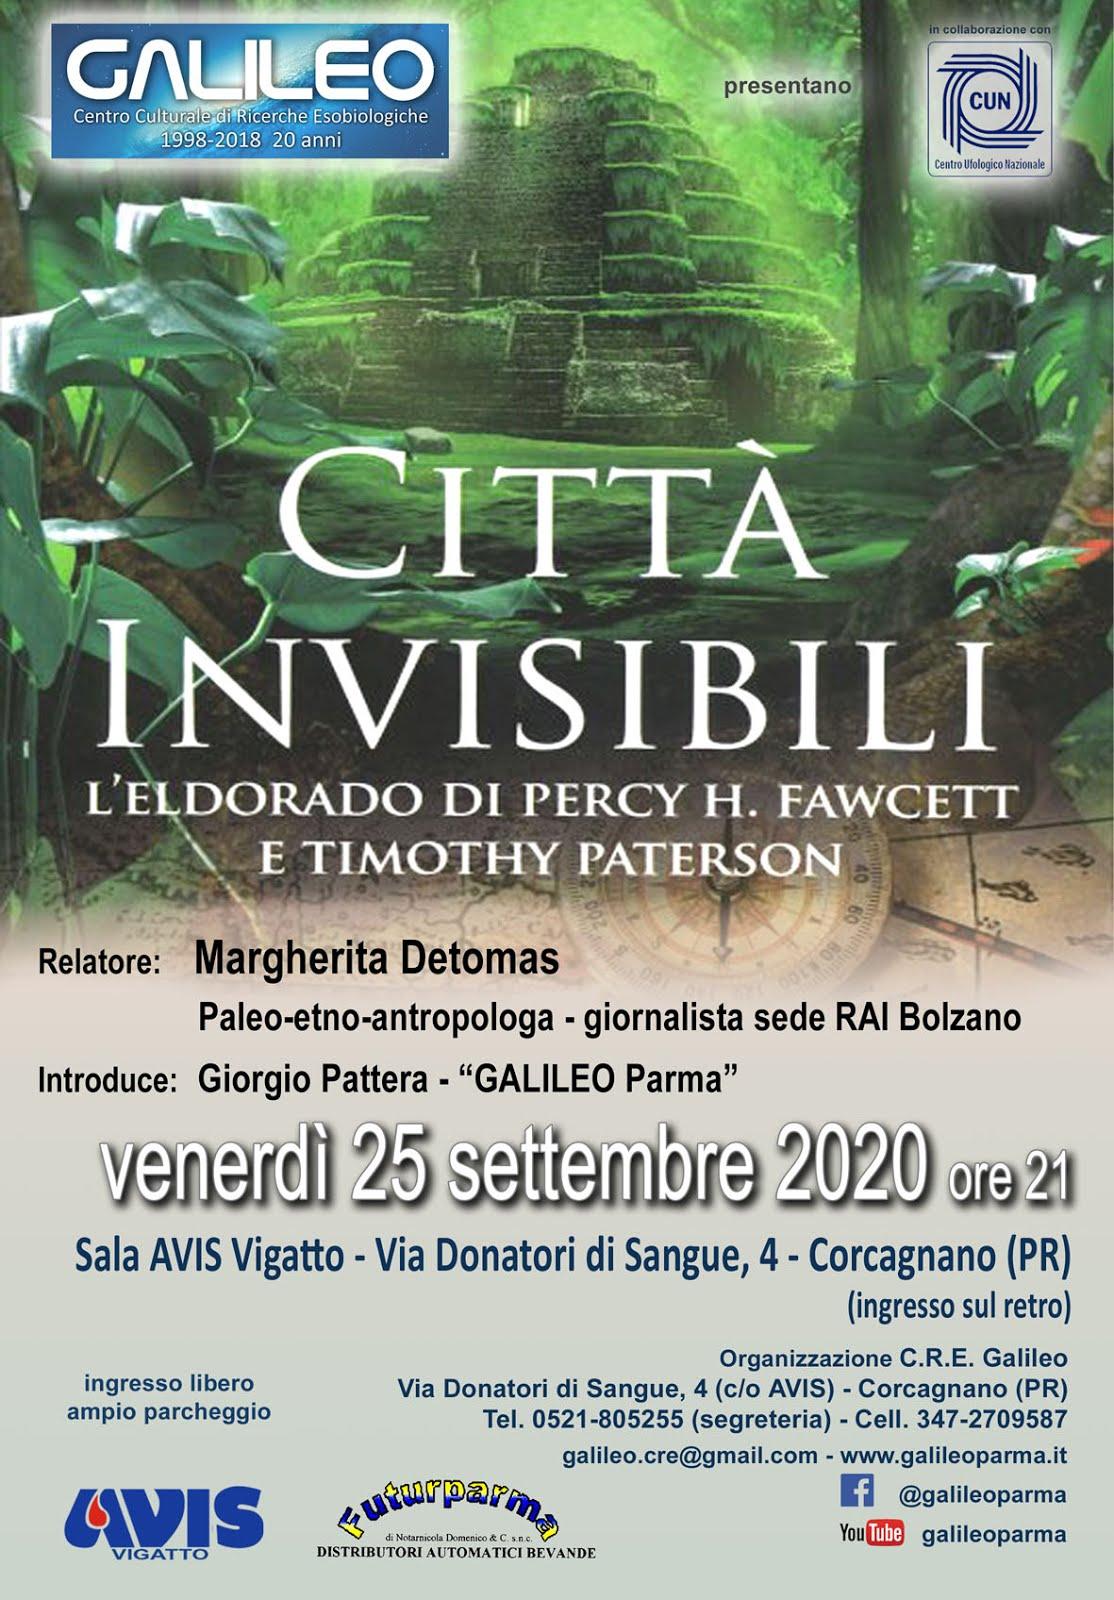 CITTA' INVISIBILI: L'ELDORADO DI PERCY FAWCETT E TIMOTHY PATERSON